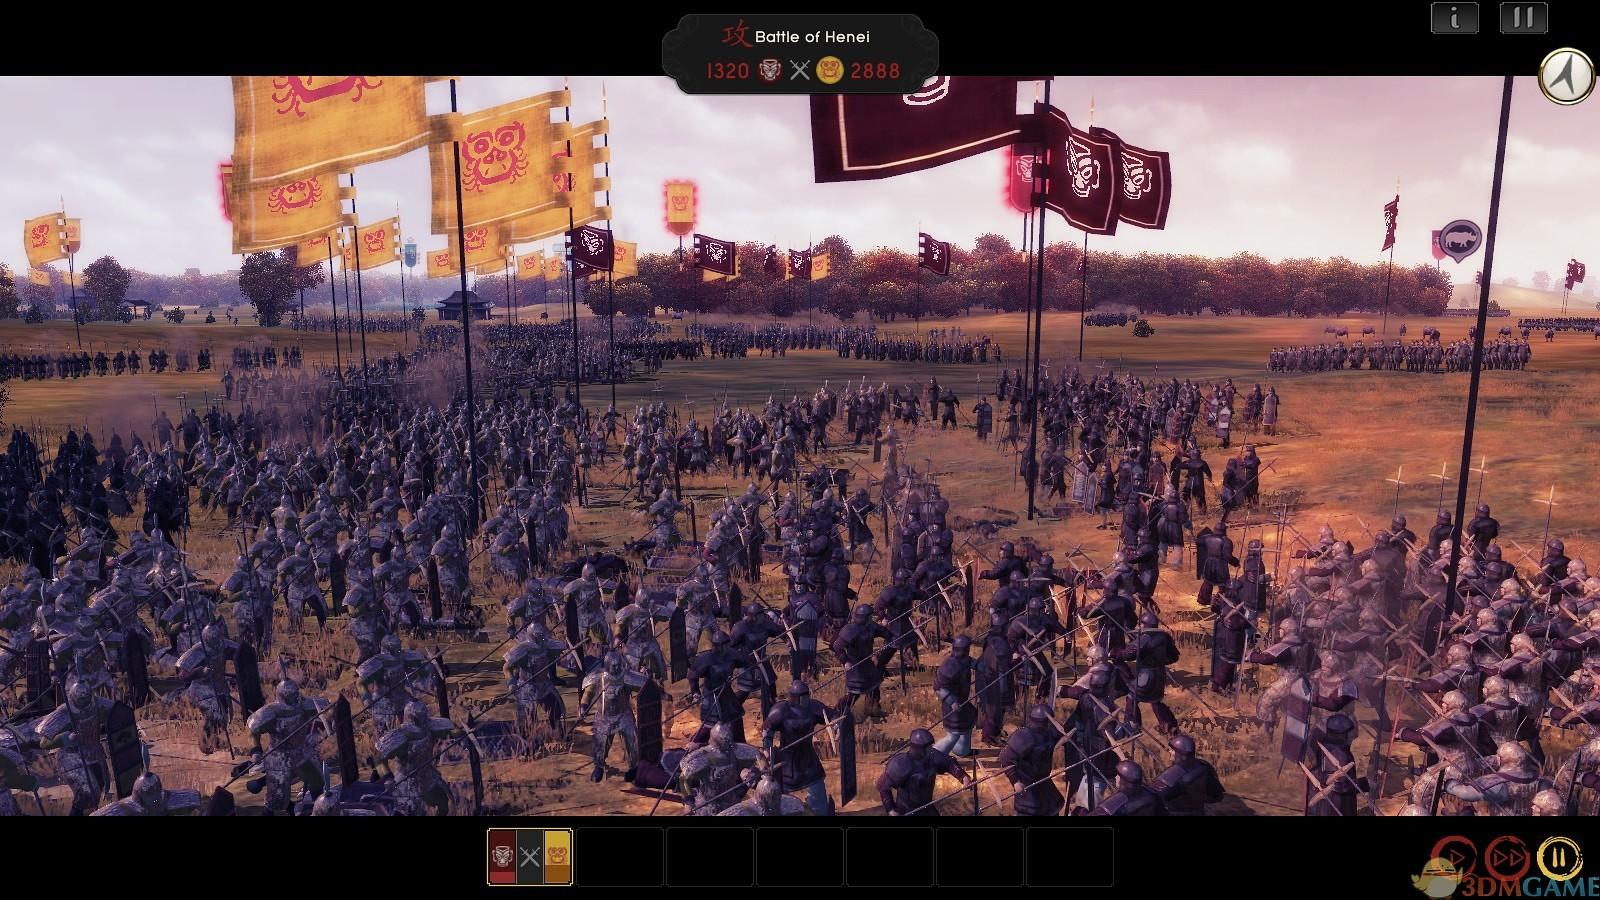 中国风策略游戏《东方帝国》将增加中文支持